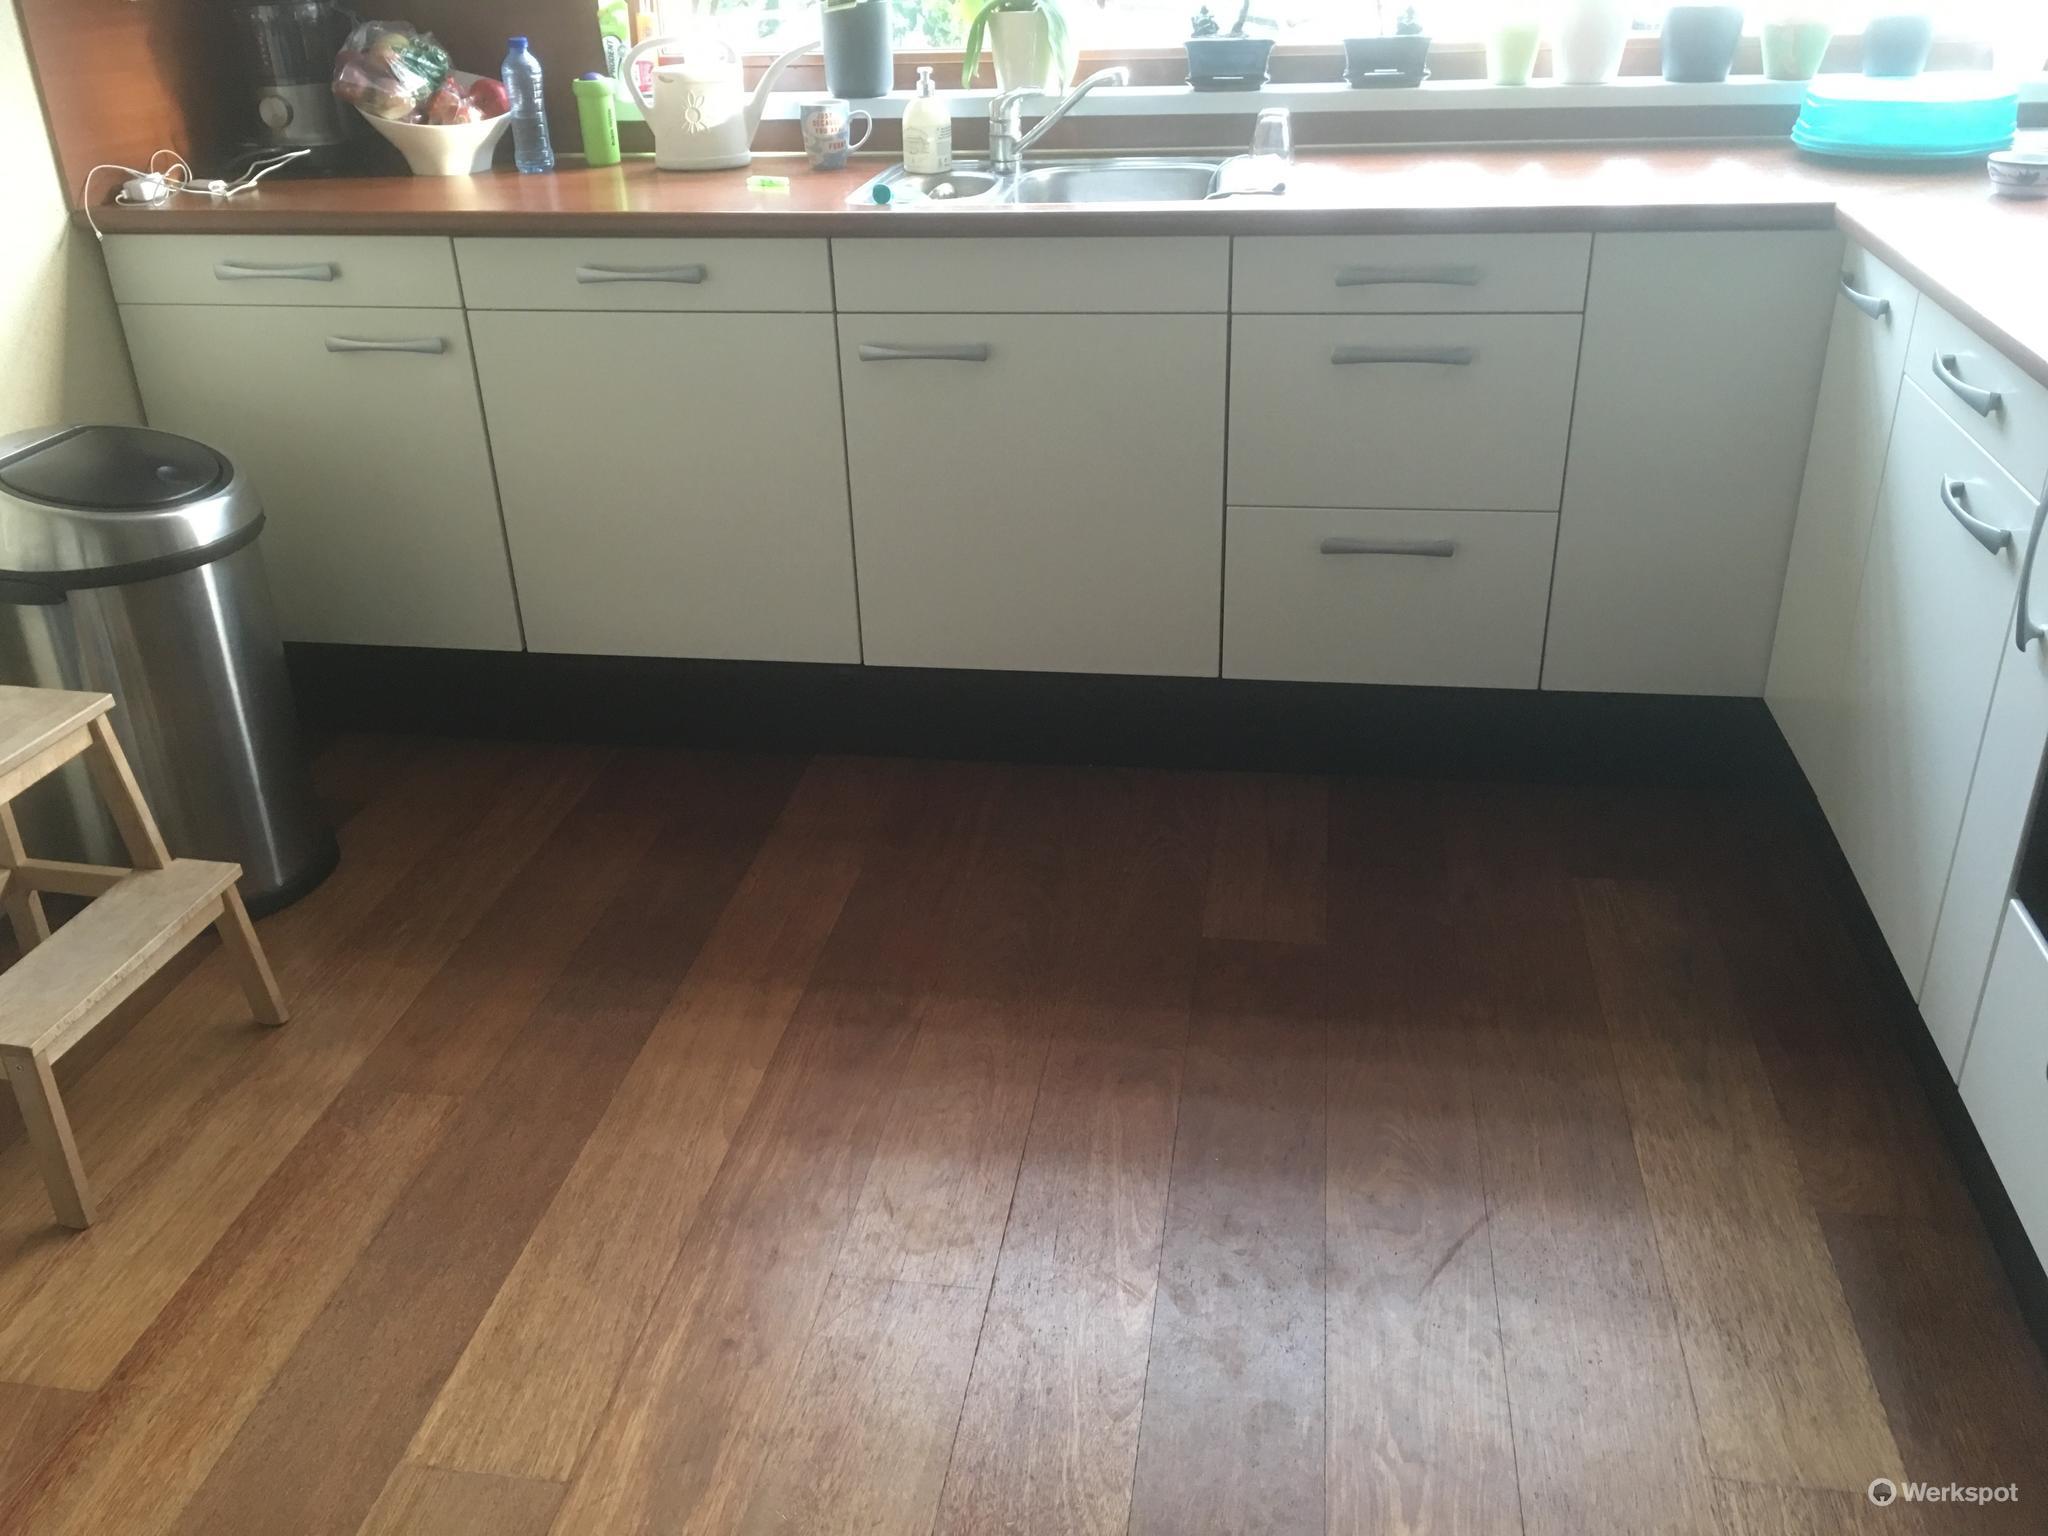 Keukendeurtjes Folie Vervangen.Plakfolie Keukenkastjes Verwijderen